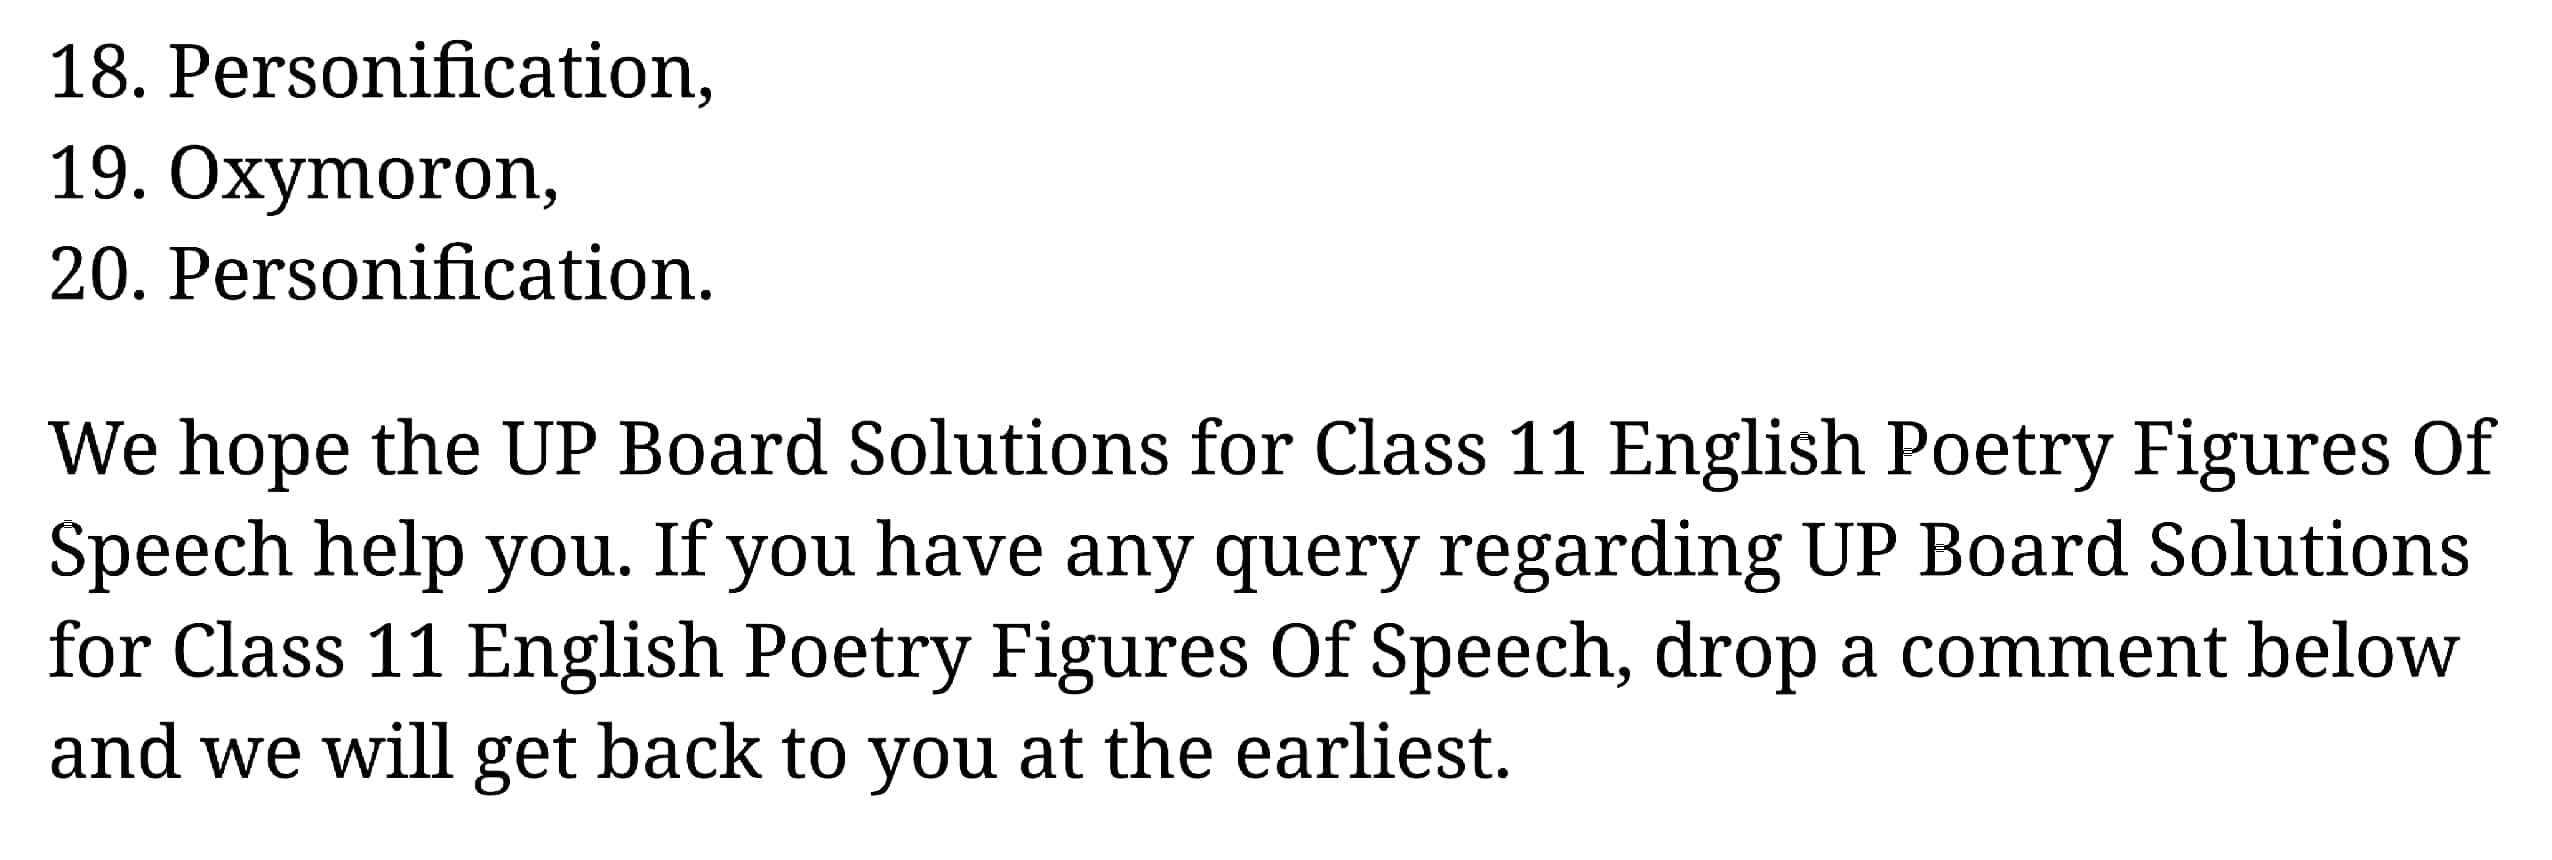 कक्षा 11 अंग्रेज़ी Figures Of Speech    के नोट्स हिंदी में एनसीईआरटी समाधान,   class 11 english Figures Of Speech  ,  class 11 english Figures Of Speech   ncert solutions in hindi,  class 11 english Figures Of Speech   notes in hindi,  class 11 english Figures Of Speech   question answer,  class 11 english Figures Of Speech   notes,  11   class Figures Of Speech   Figures Of Speech   in hindi,  class 11 english Figures Of Speech   in hindi,  class 11 english Figures Of Speech   important questions in hindi,  class 11 english  chapter 11 notes in hindi,  class 11 english Figures Of Speech   test,  class 11 english  chapter 1Figures Of Speech   pdf,  class 11 english Figures Of Speech   notes pdf,  class 11 english Figures Of Speech   exercise solutions,  class 11 english Poetry chapter 1, class 11 english Figures Of Speech   notes study rankers,  class 11 english Figures Of Speech   notes,  class 11 english  chapter 11 notes,   Figures Of Speech    class 11  notes pdf,  Figures Of Speech   class 11  notes 2021 ncert,   Figures Of Speech   class 11 pdf,    Figures Of Speech    book,     Figures Of Speech   quiz class 11  ,       11  th Figures Of Speech      book up board,       up board 11  th Figures Of Speech   notes,  कक्षा 11 अंग्रेज़ी Figures Of Speech   , कक्षा 11 अंग्रेज़ी का Figures Of Speech    ncert solution in hindi, कक्षा 11 अंग्रेज़ी के Figures Of Speech    के नोट्स हिंदी में, कक्षा 11 का अंग्रेज़ीFigures Of Speech   का प्रश्न उत्तर, कक्षा 11 अंग्रेज़ी Figures Of Speech   के नोट्स, 11 कक्षा अंग्रेज़ी Figures Of Speech     हिंदी में,कक्षा 11 अंग्रेज़ी Figures Of Speech    हिंदी में, कक्षा 11 अंग्रेज़ी Figures Of Speech    महत्वपूर्ण प्रश्न हिंदी में,कक्षा 11 के अंग्रेज़ी के नोट्स हिंदी में,अंग्रेज़ी कक्षा 11 नोट्स pdf,  अंग्रेज़ी  कक्षा 11 नोट्स 2021 ncert,  अंग्रेज़ी  कक्षा 11 pdf,  अंग्रेज़ी  पुस्तक,  अंग्रेज़ी की बुक,  अंग्रेज़ी  प्रश्नोत्तरी class 11  , 11   वीं अंग्रेज़ी  पुस्तक up board,  बिहार बोर्ड 11  पुस्तक वीं अंग्रेज़ी नोट्स,    11th Prose cha